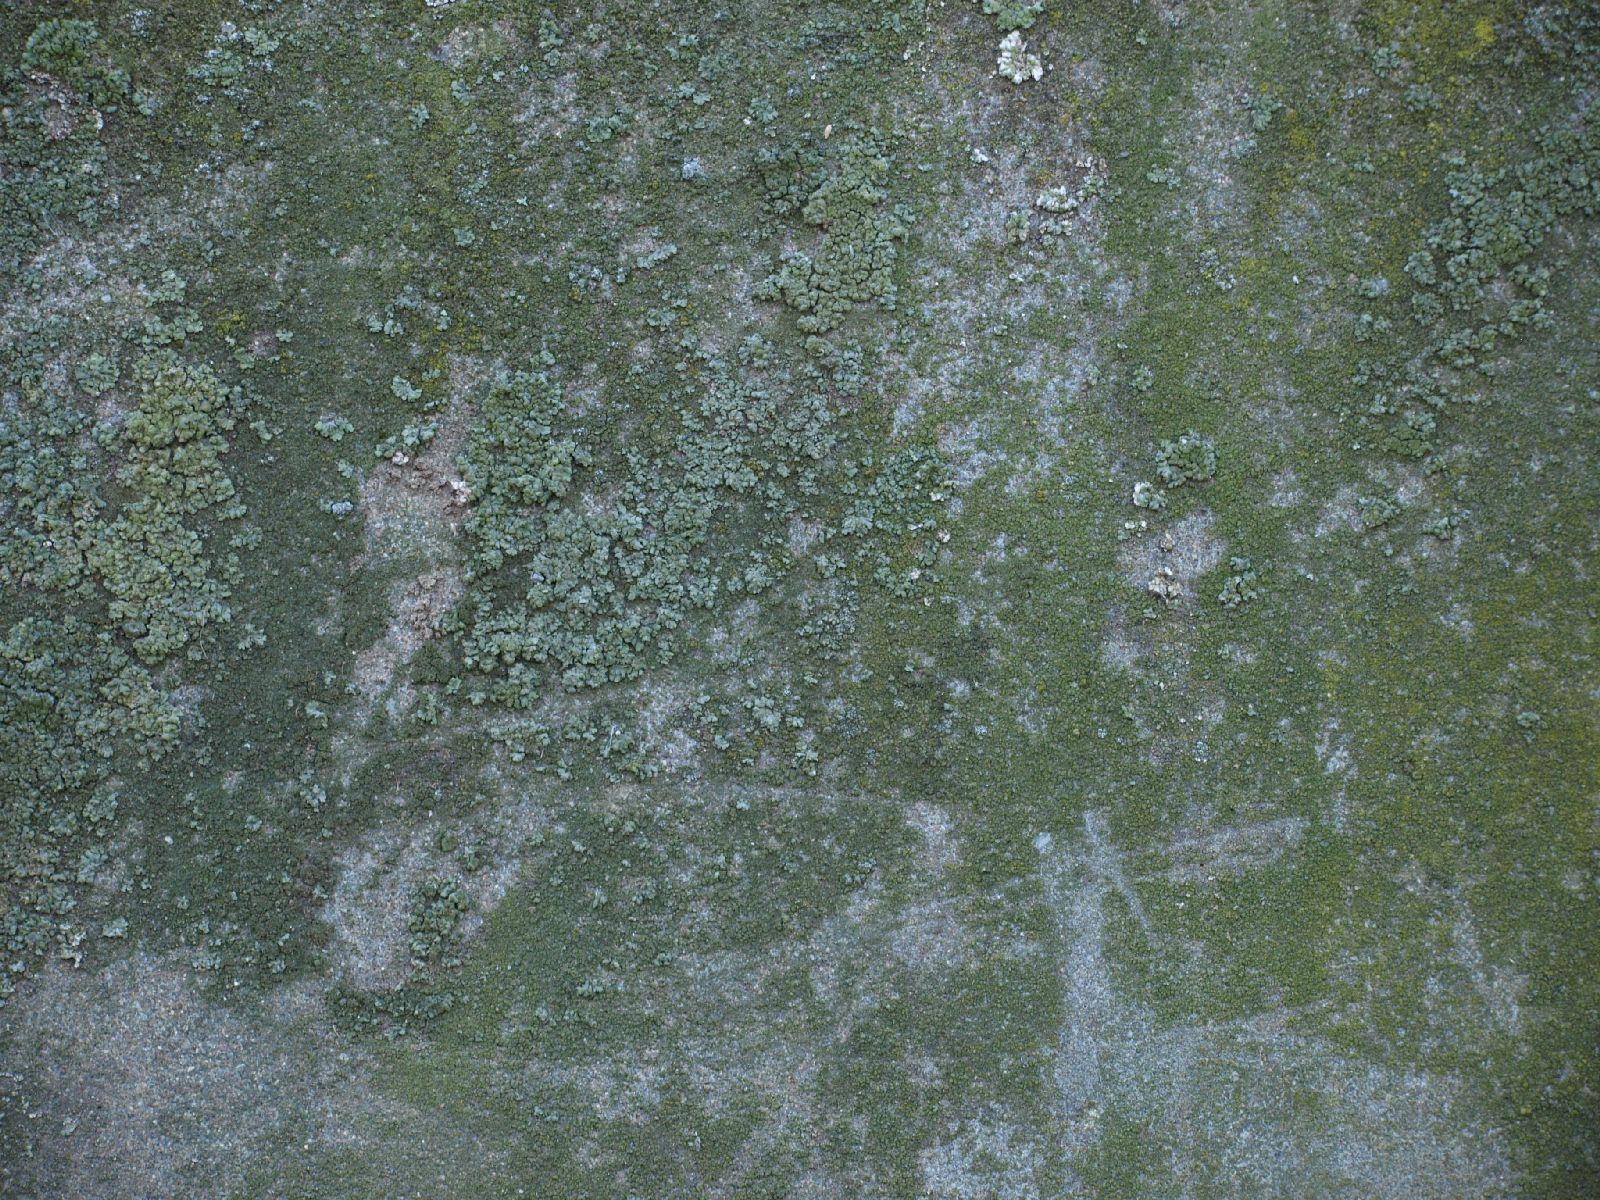 Grunge-Dreck_Textur_A_P9209725